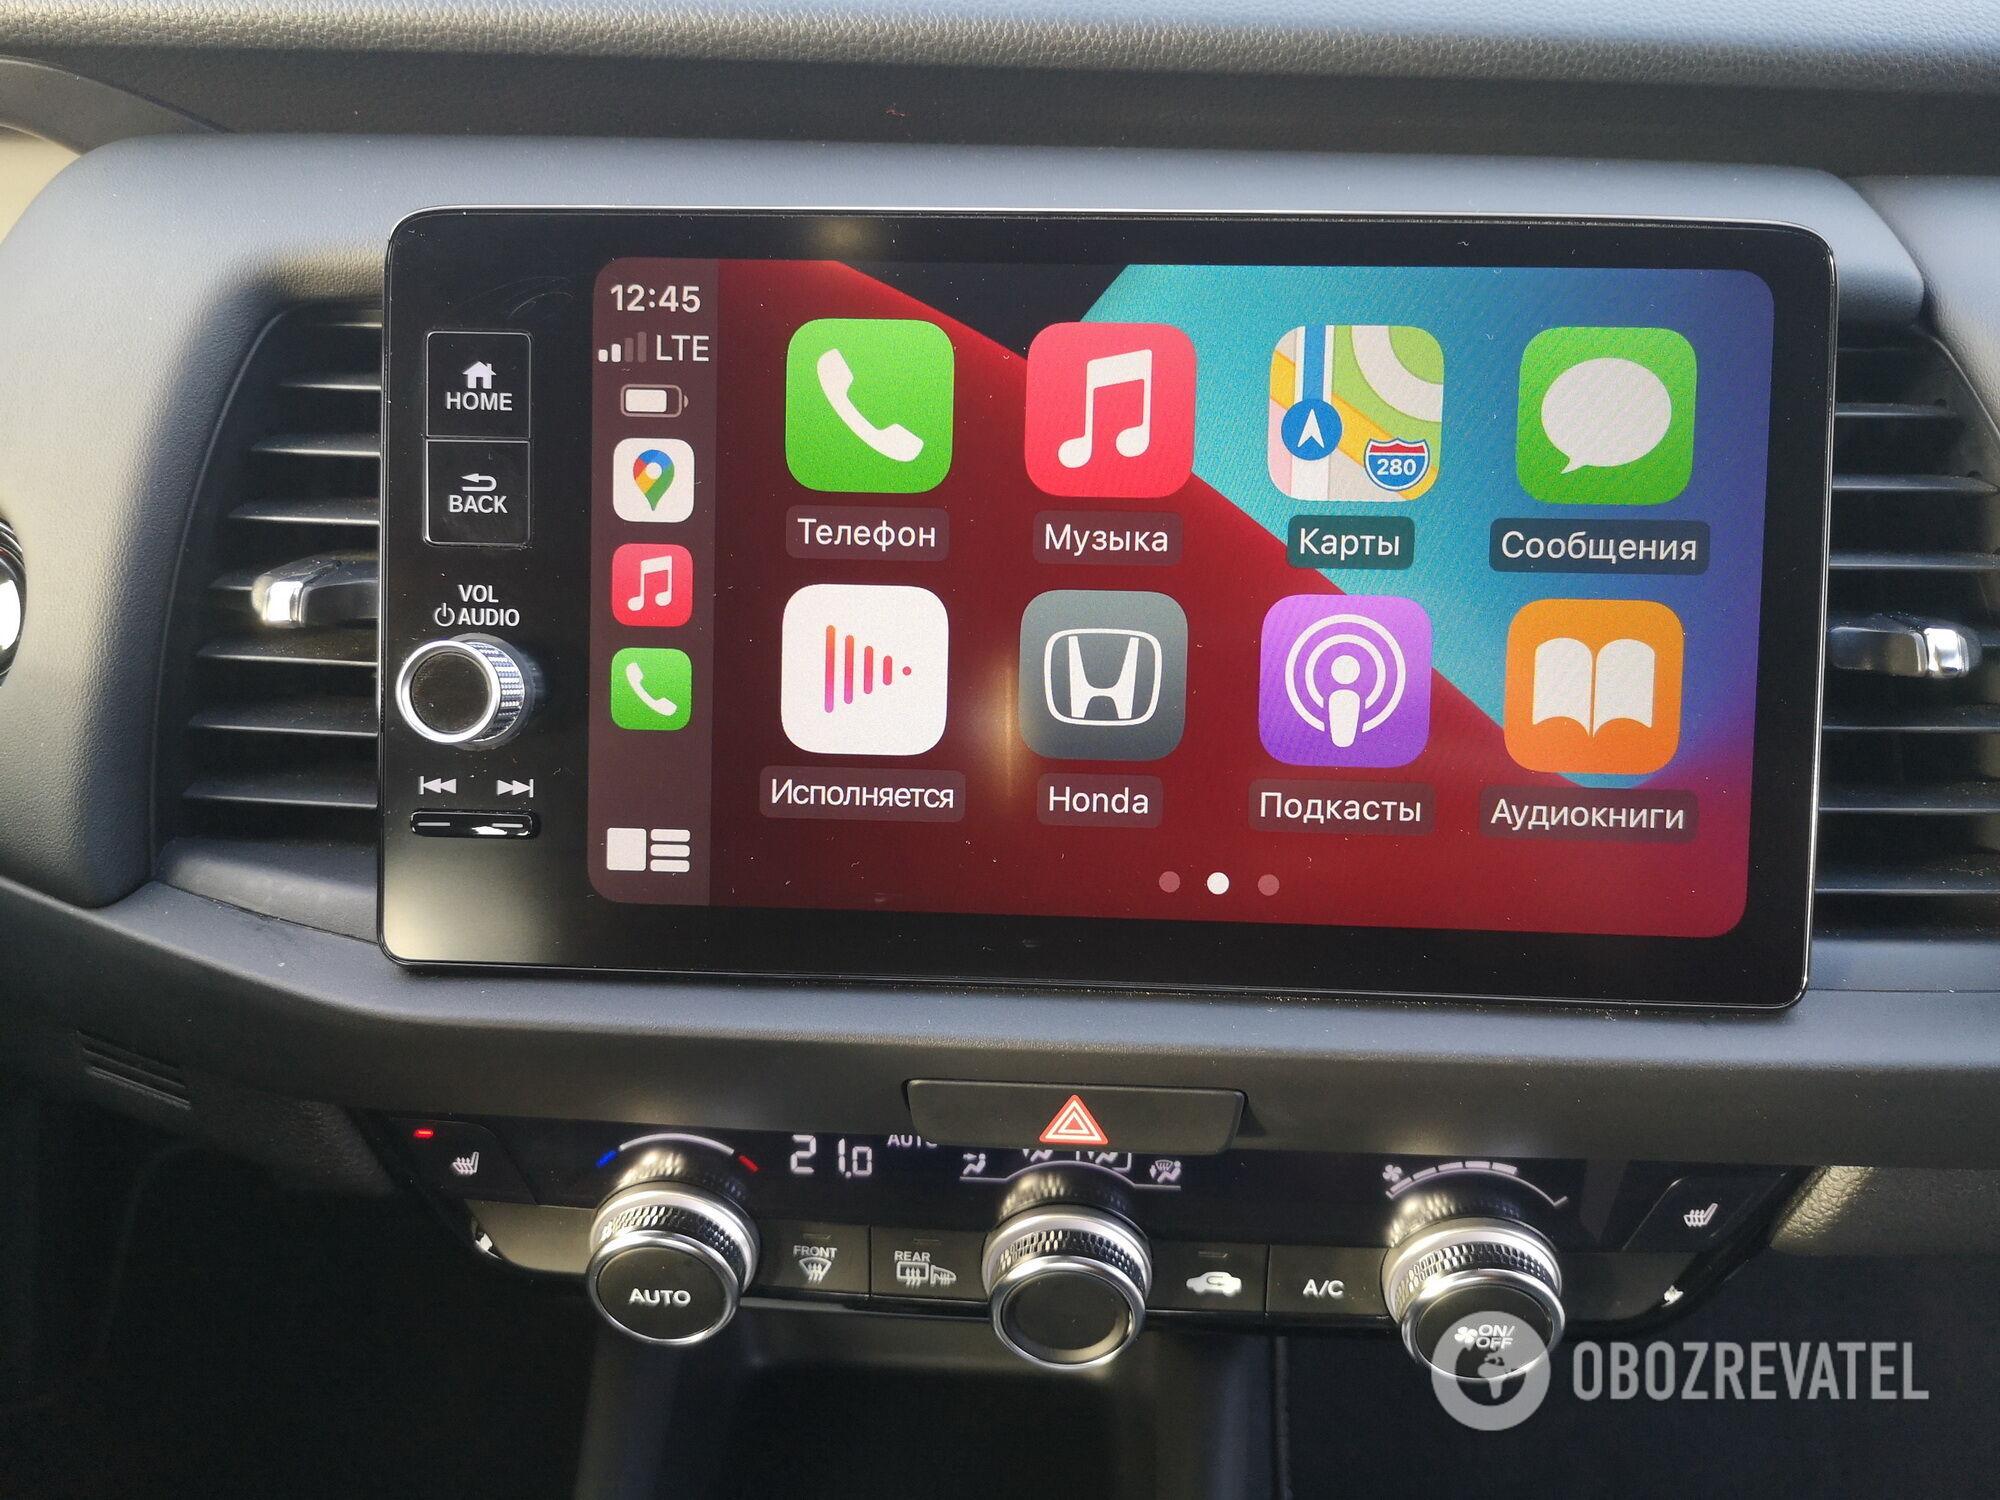 Центральная часть панели отведена 9-дюймовому экрану инфо-развлекательной системы с поддержкой Android Auto и Apple CarPlay